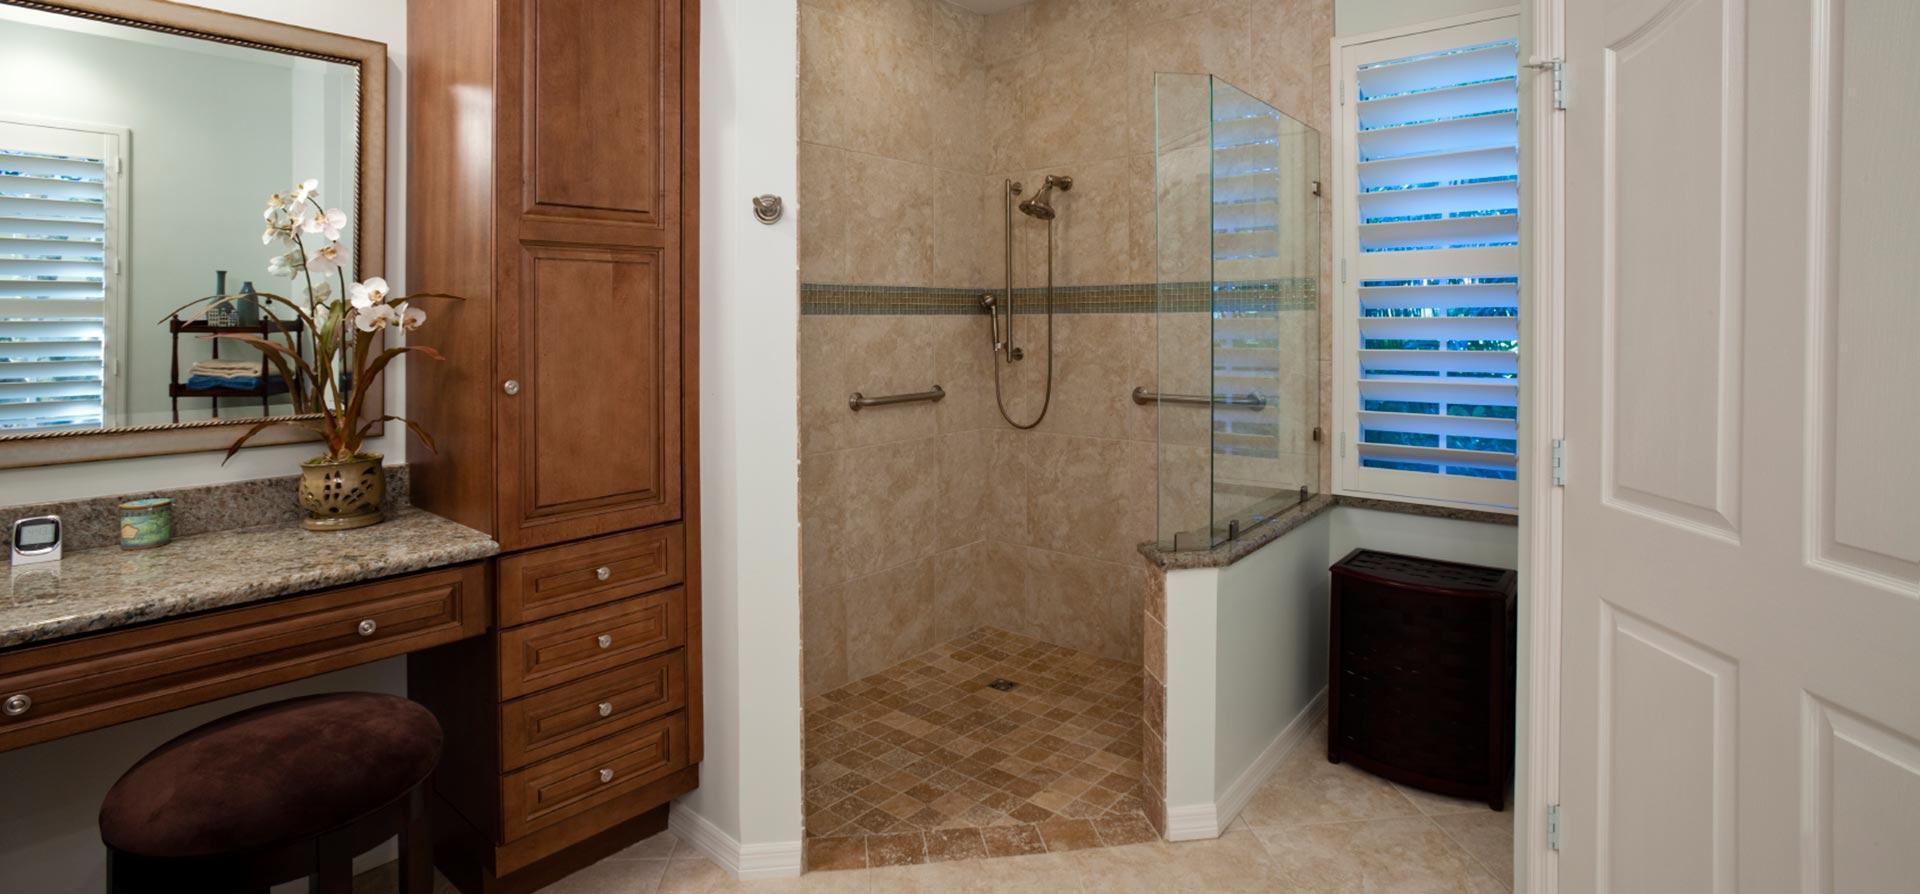 Kitchen, Bathroom, Home Remodeling Design-Build | Vision DBR